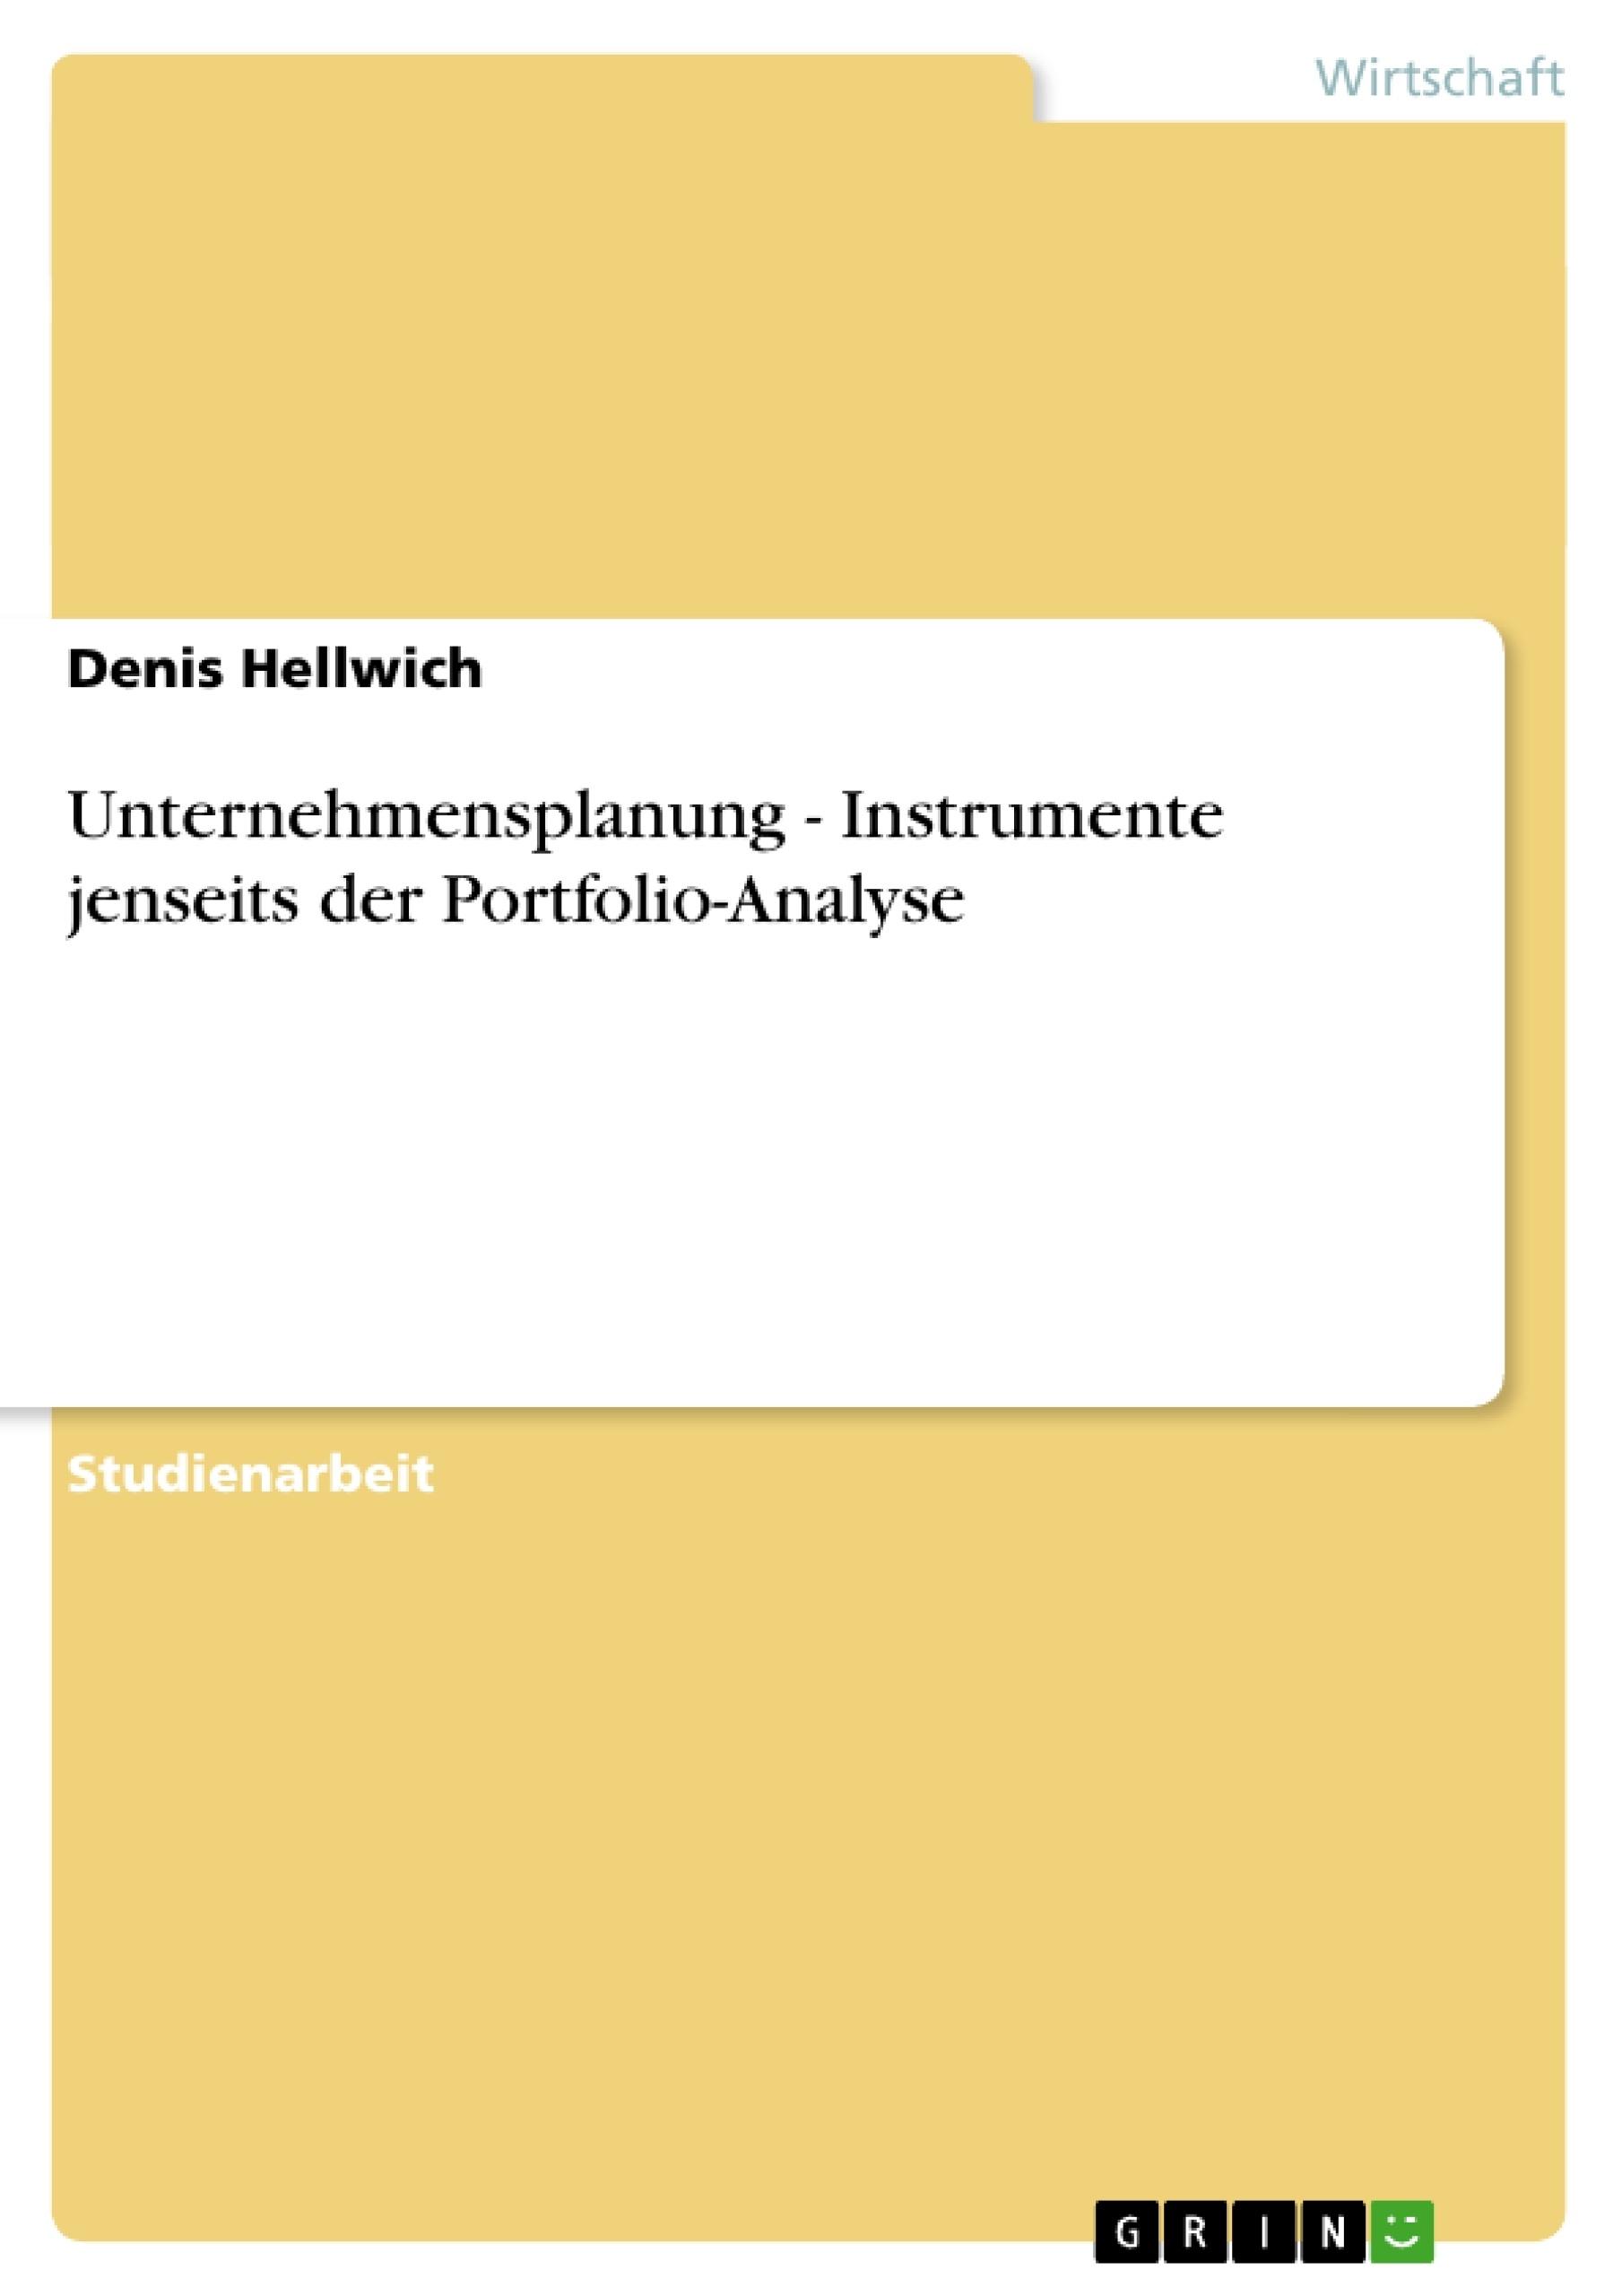 Titel: Unternehmensplanung - Instrumente jenseits der Portfolio-Analyse